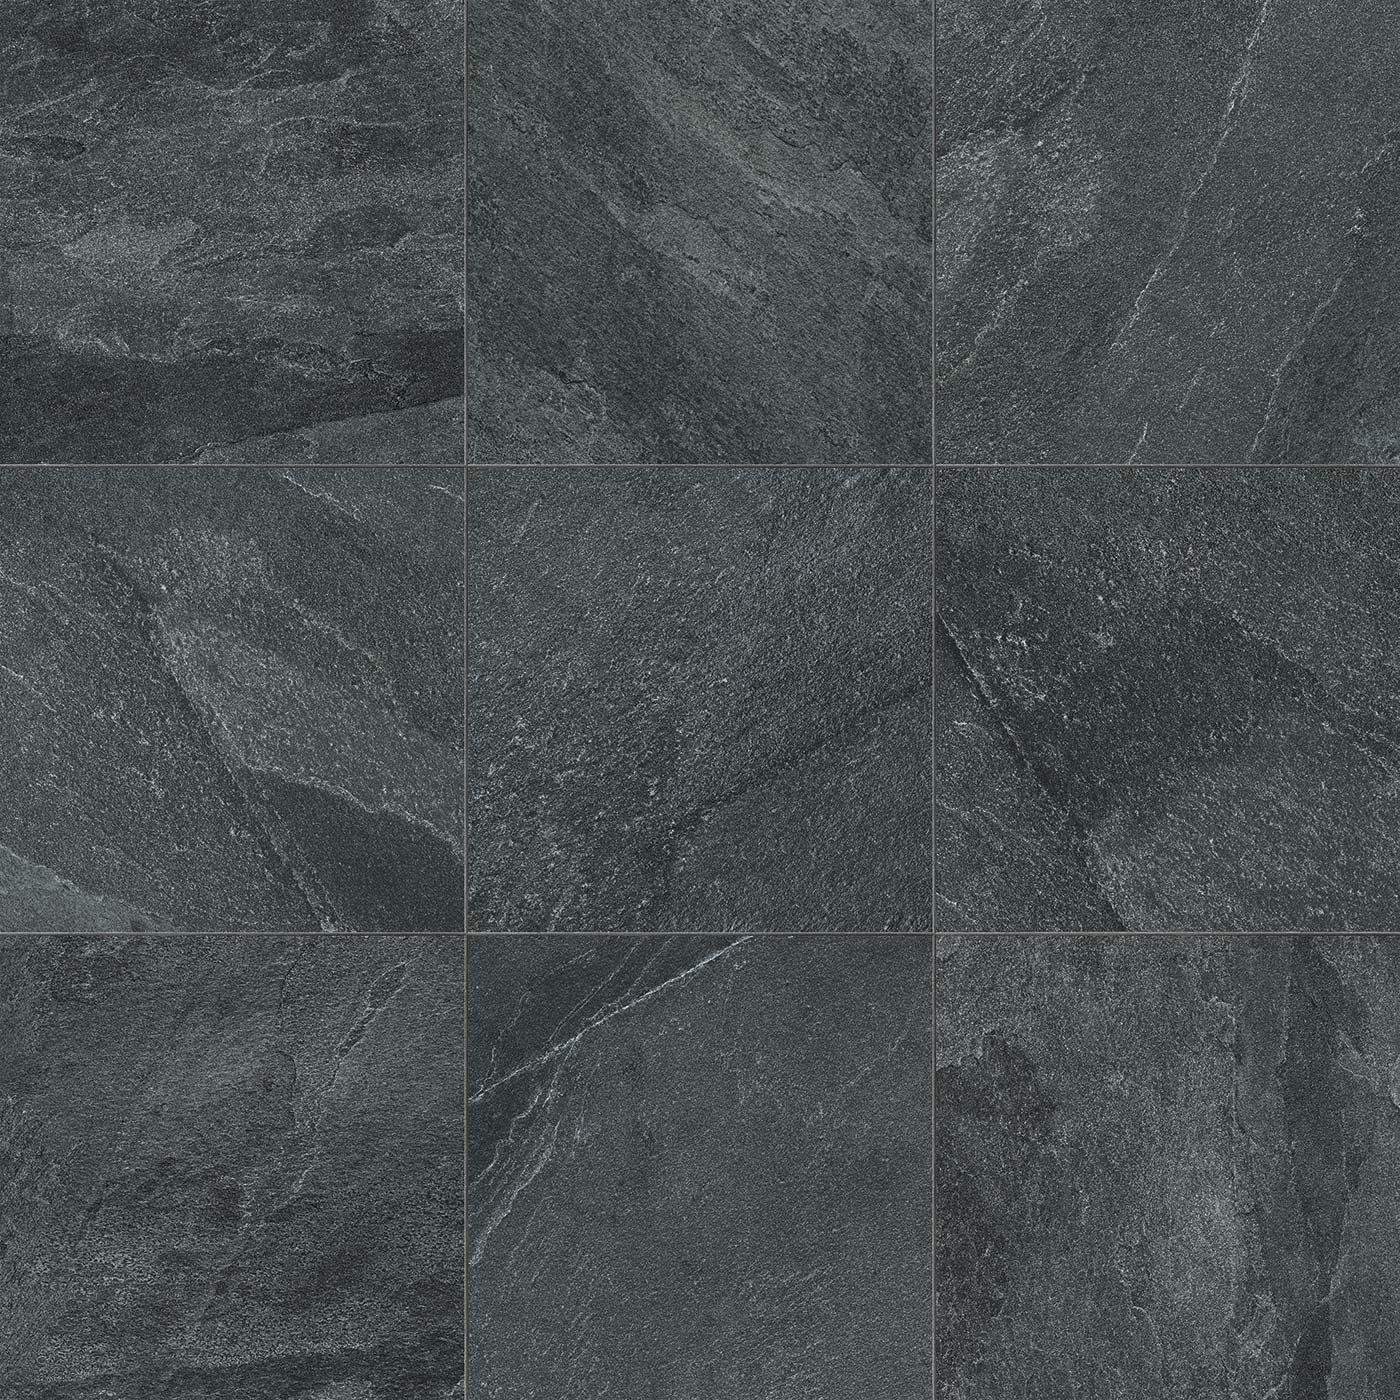 Natural Stone 90e2085 Napolnye Pokrytiya Plitka Tekstury